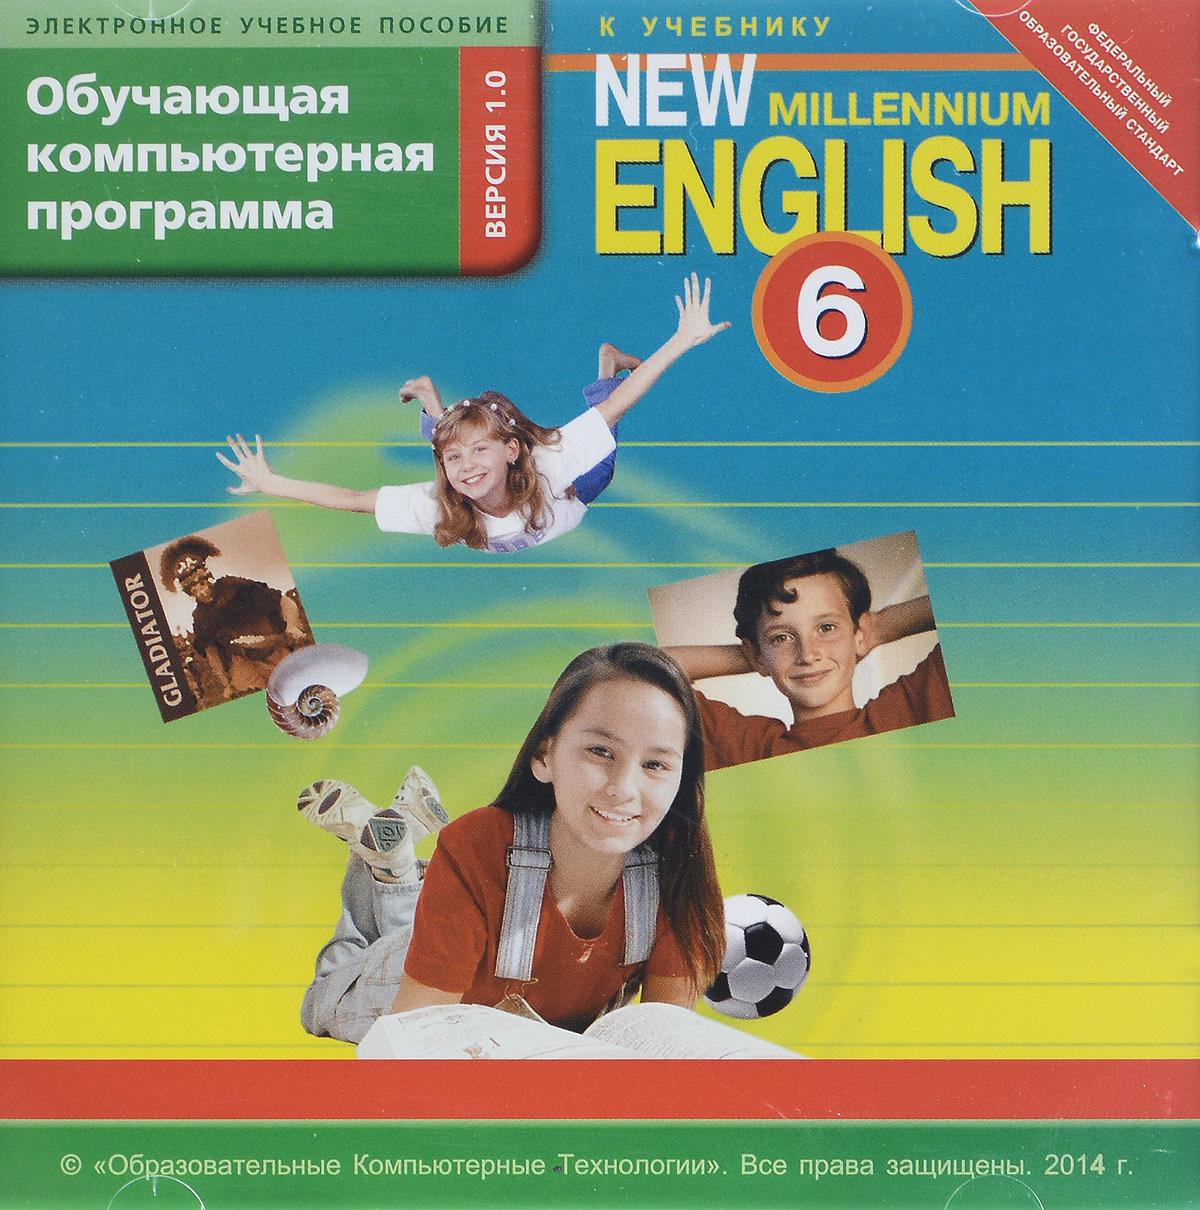 New Millennium English 6 / Английский язык нового тысячелетия. 6 класс. Обучающая компьютерная программа